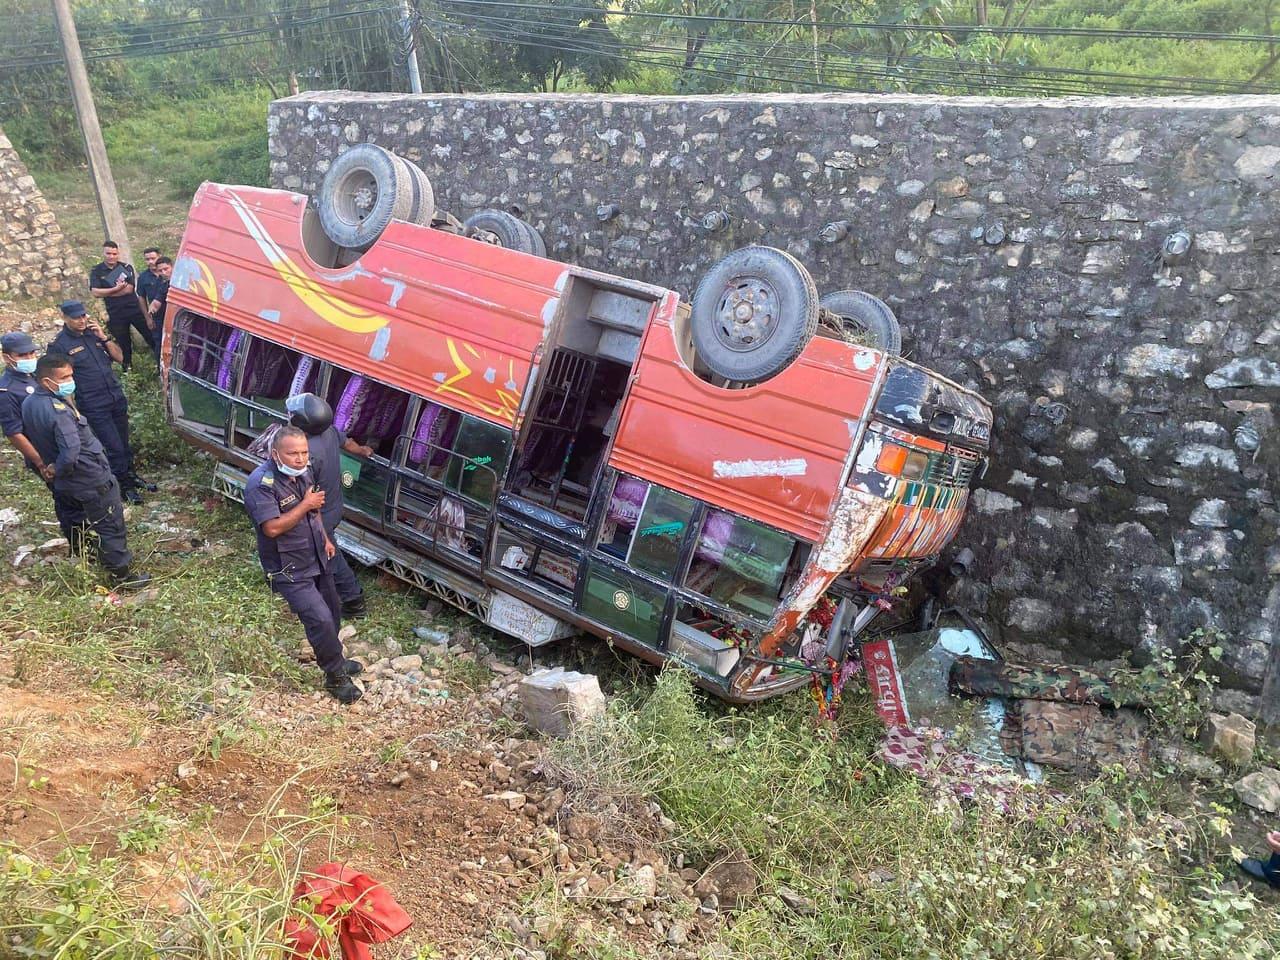 दाङमा बस दुर्घटना, सहचालकको मृत्यु, २१ जना घाइते